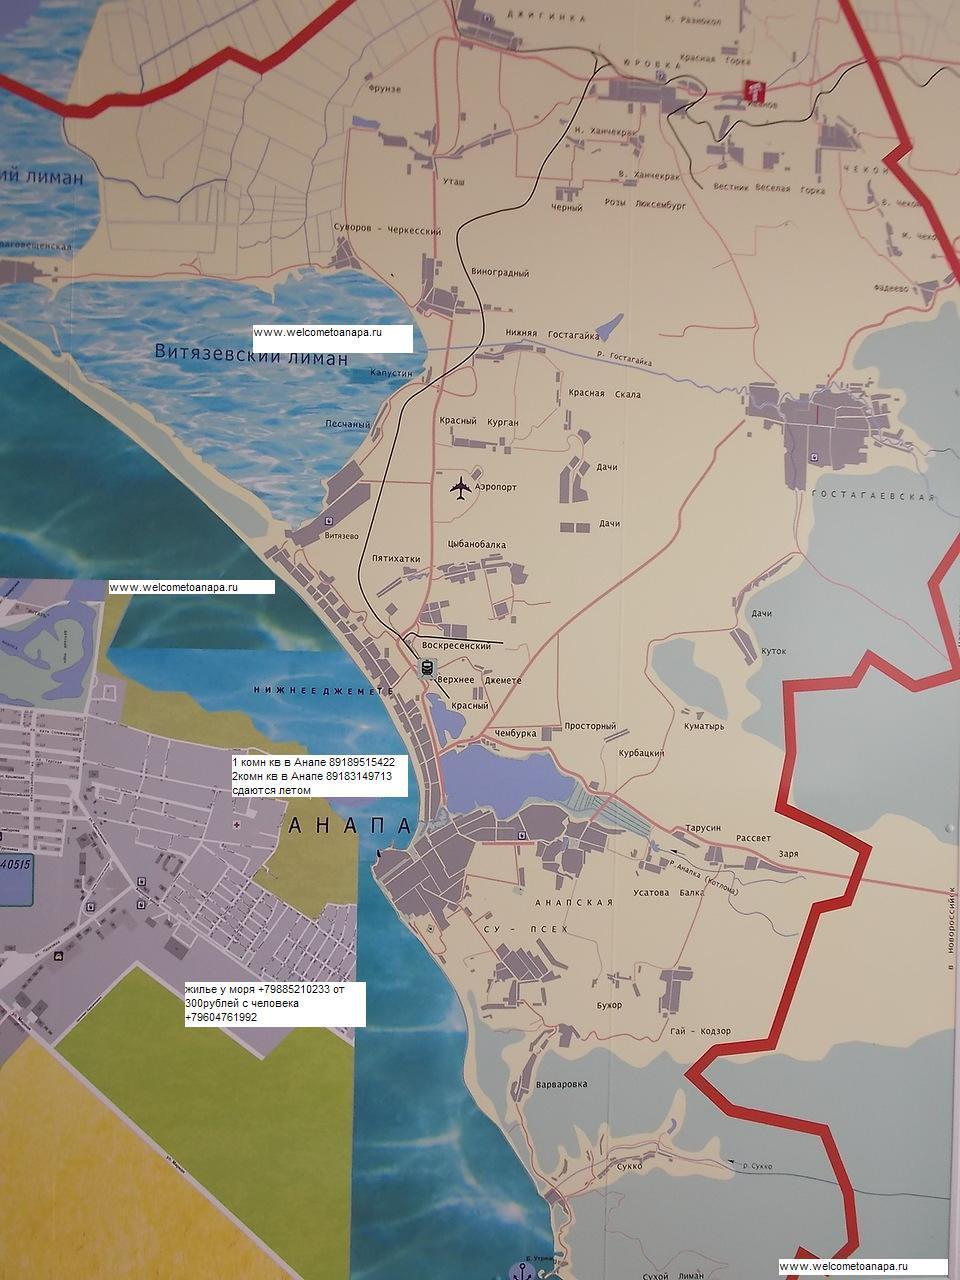 схема анапы с улицами недалеко от моря